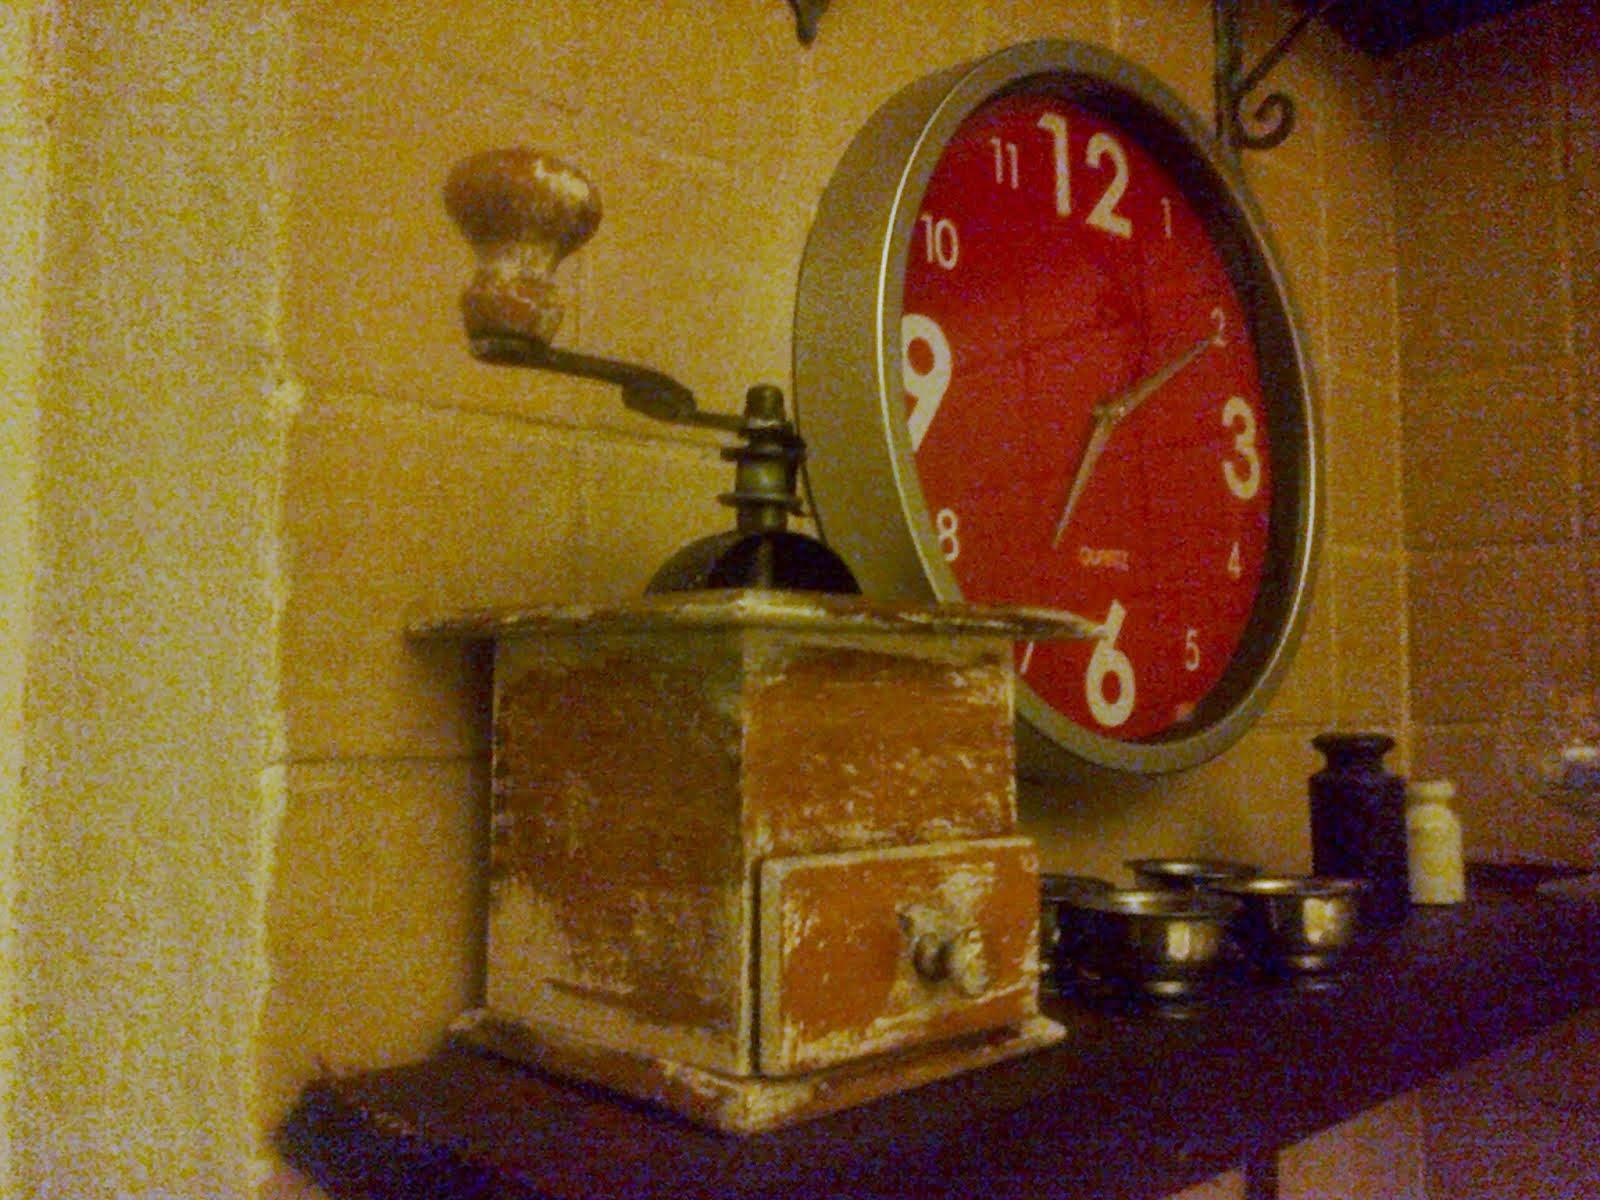 kawa+czas=święty spokój